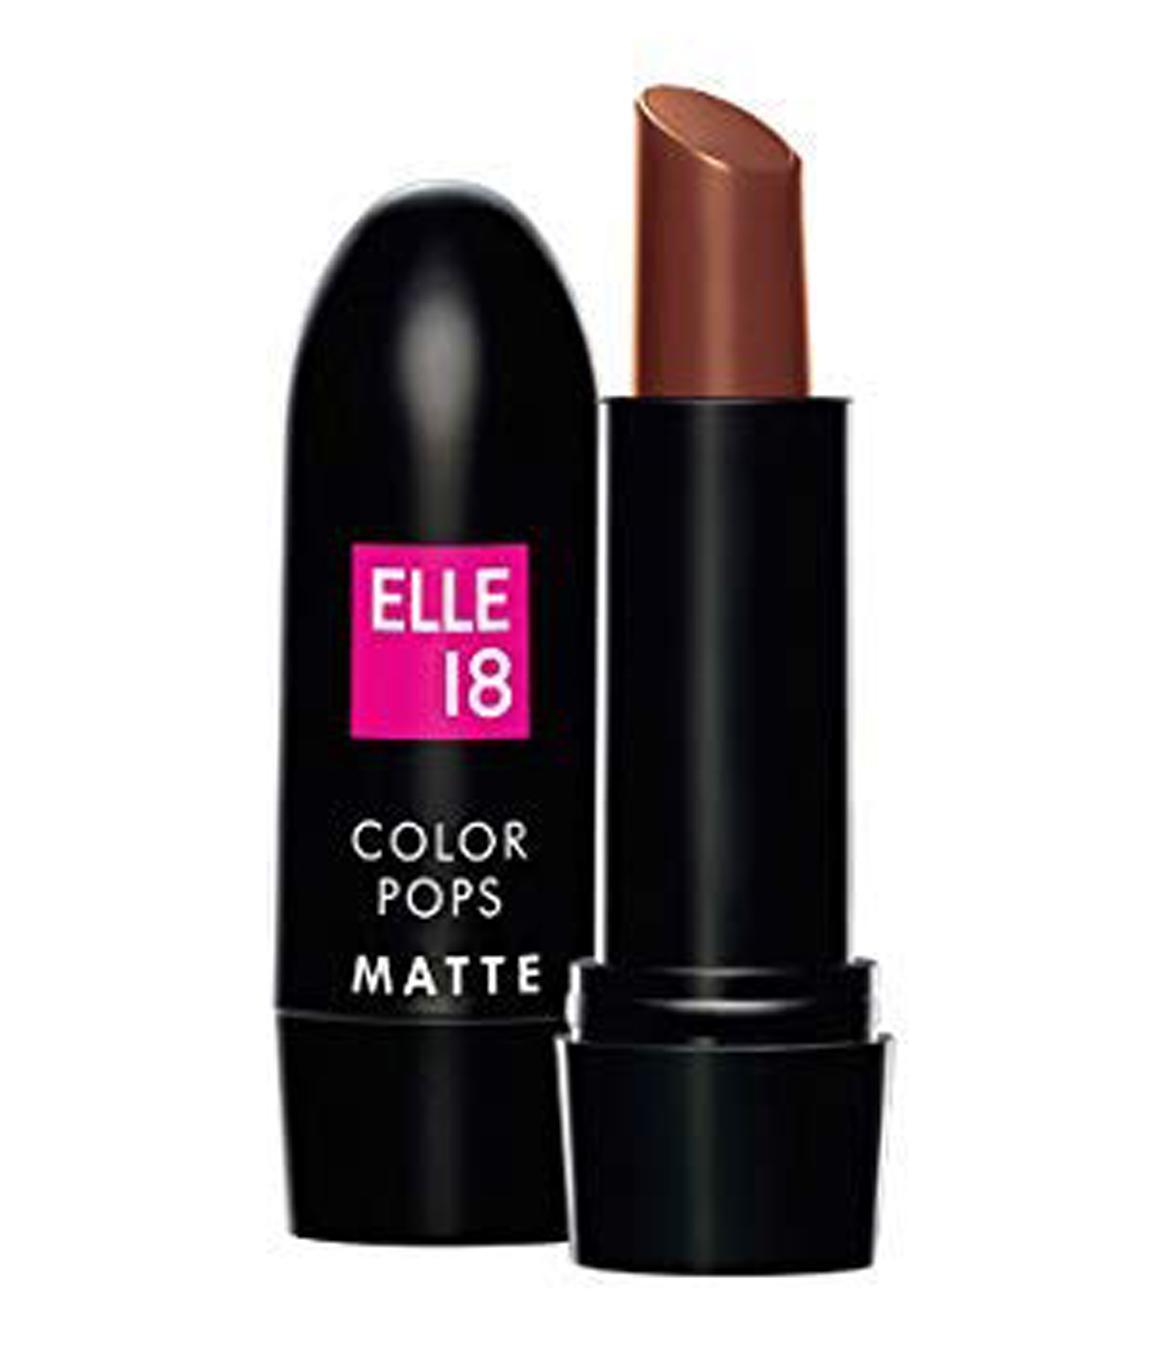 ELLE18 COLOUR POPS MATTE SHADE- B42 4.3G